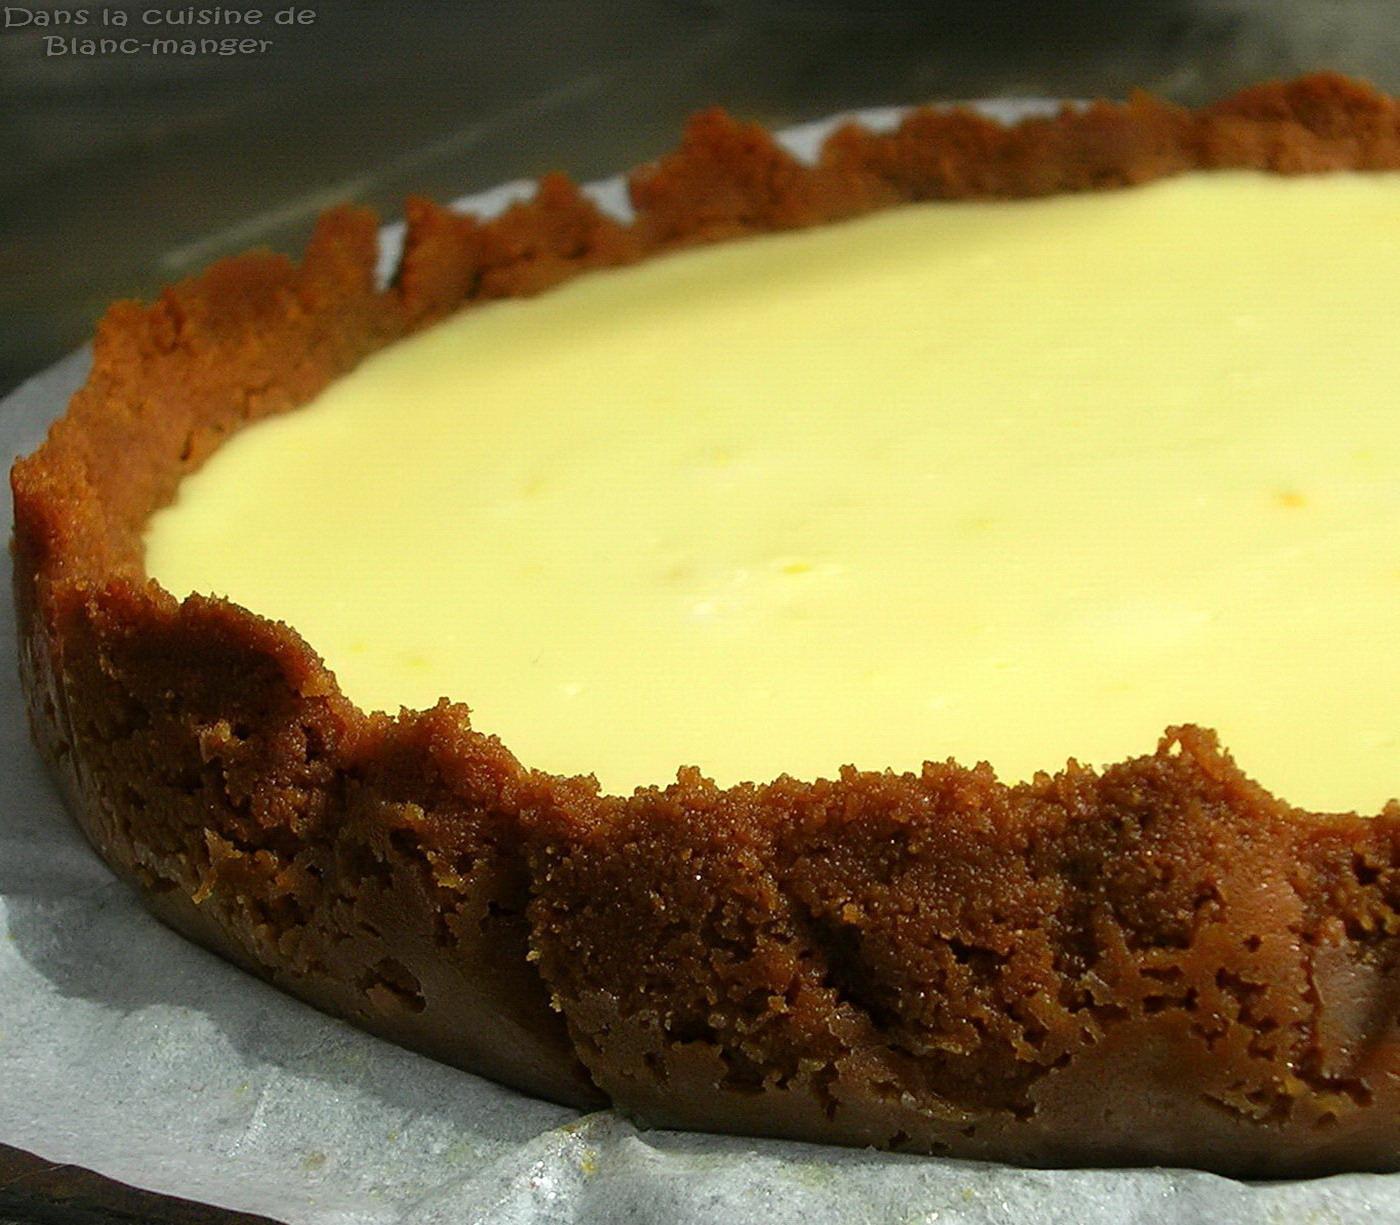 Dans la cuisine de blanc manger tarte au citron la plus facile au monde - Fond de tarte biscuit ...